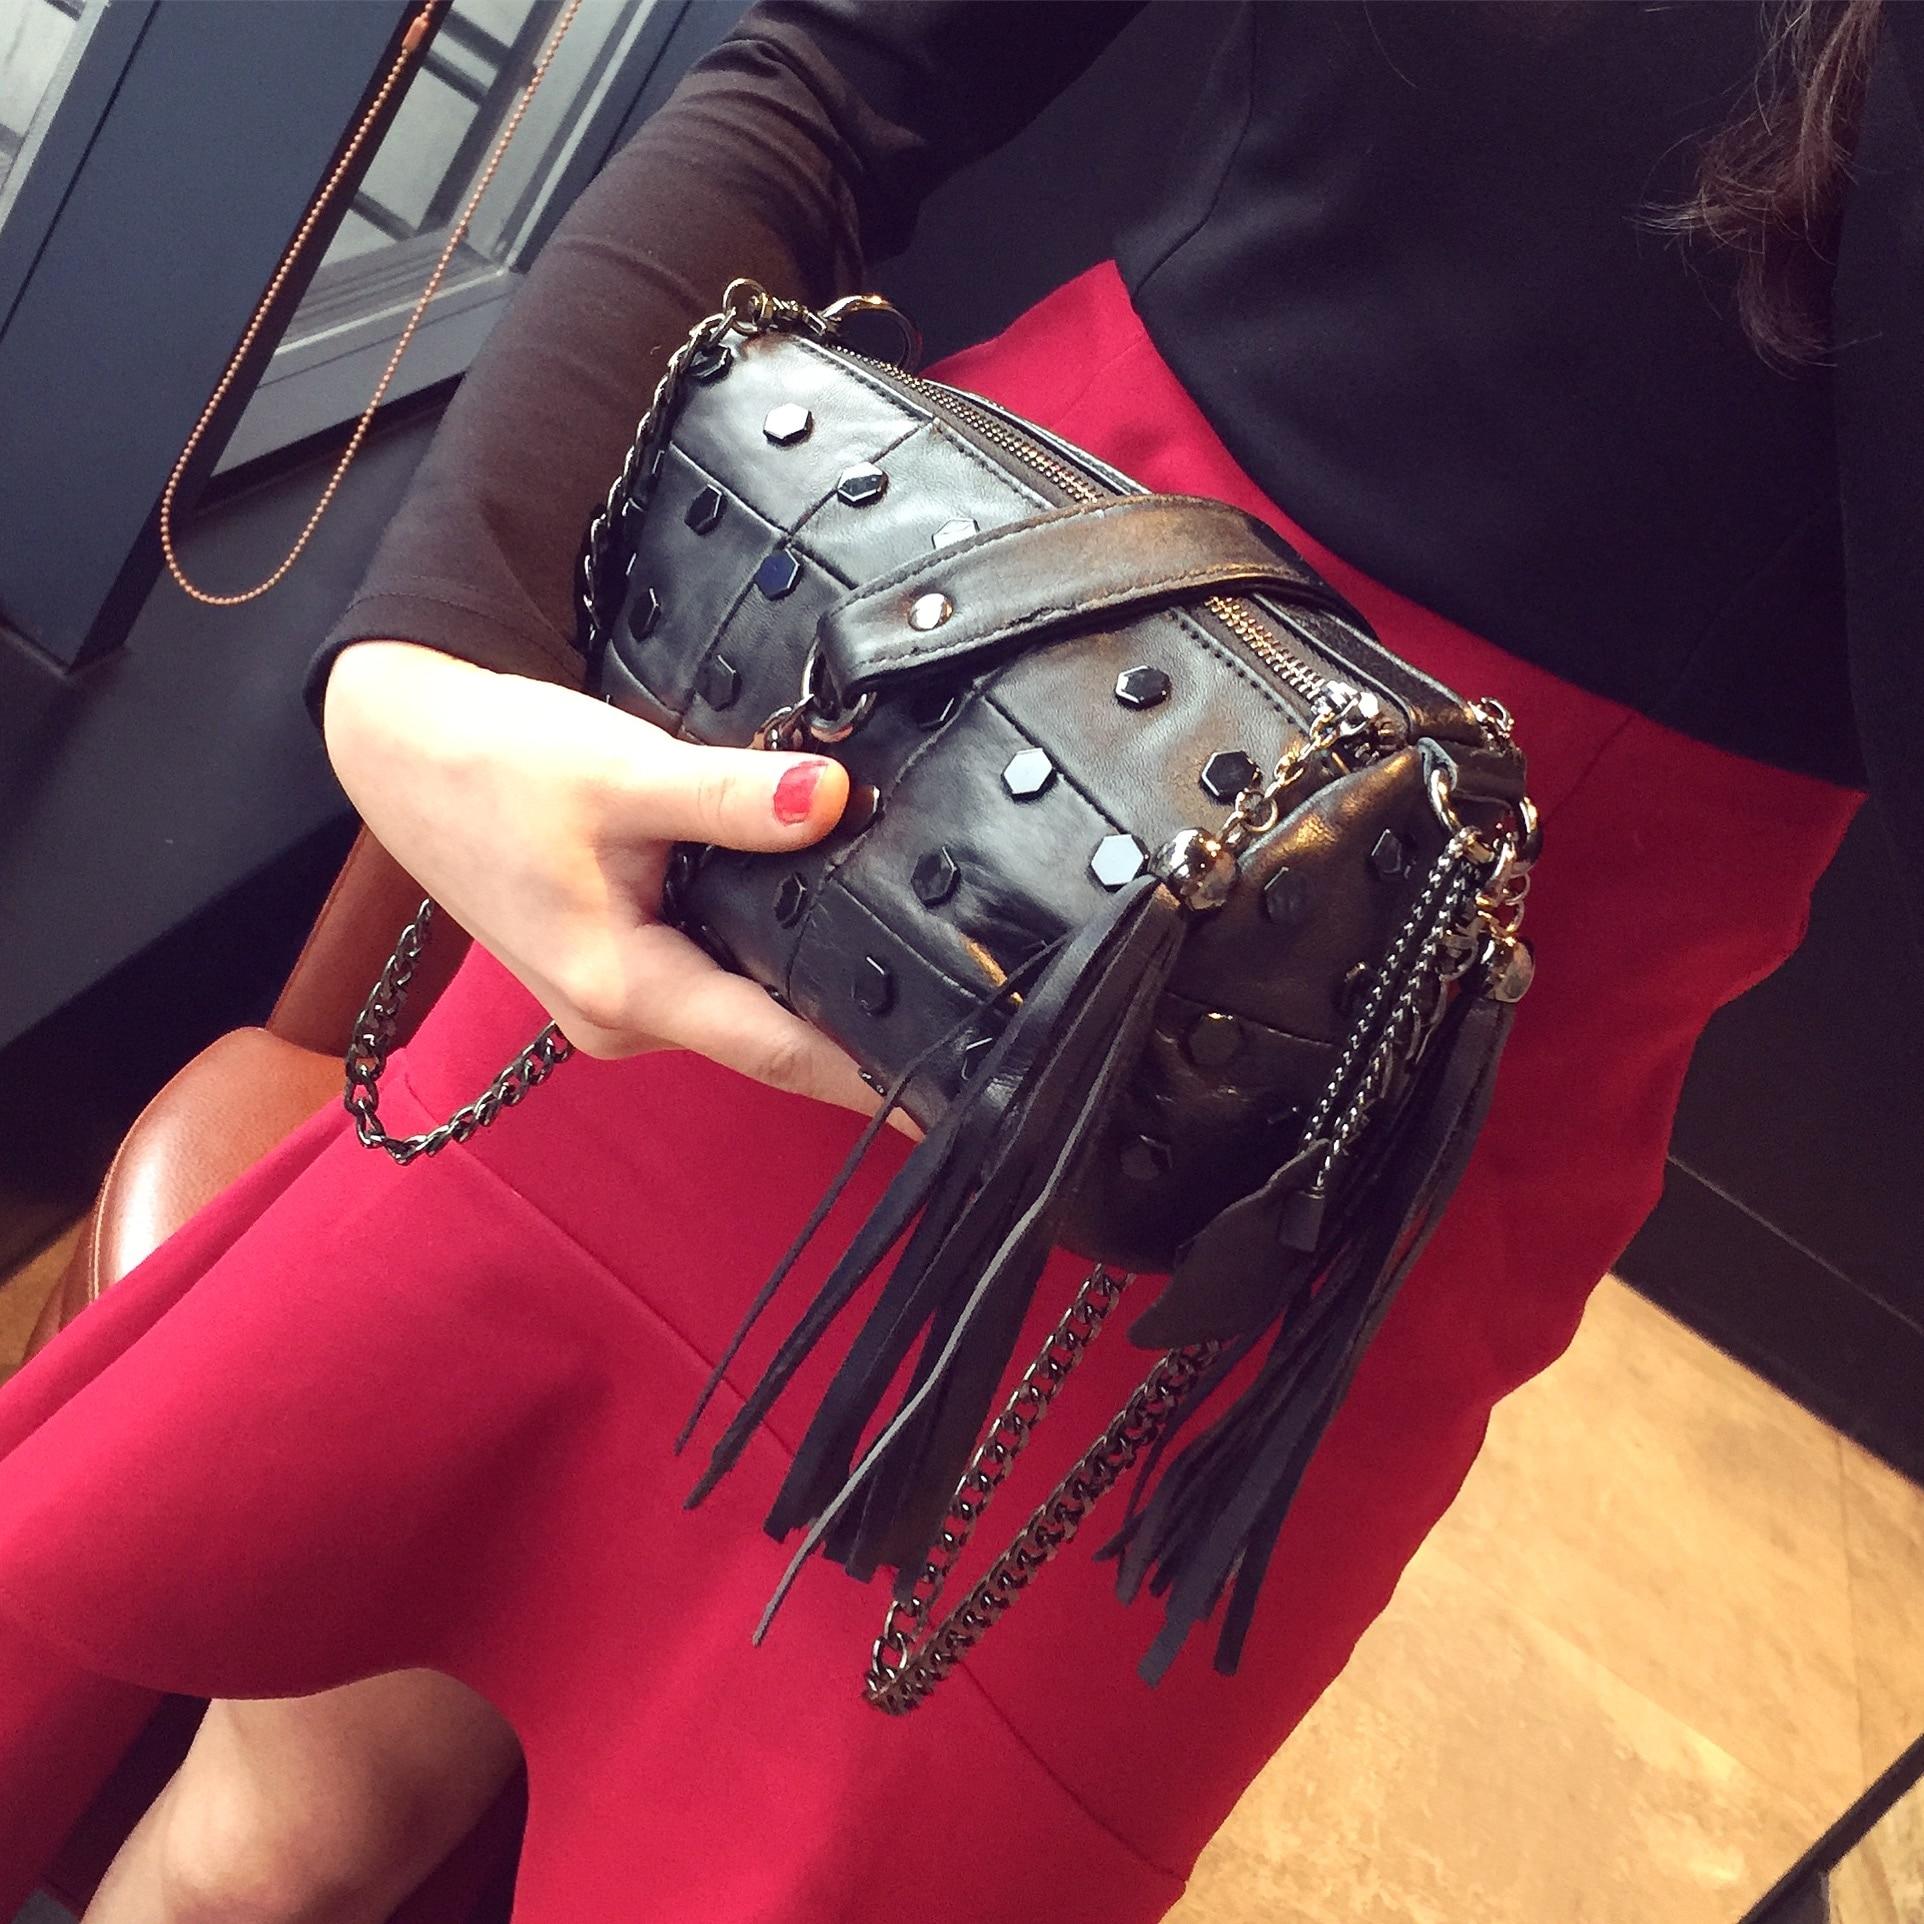 2018 new sheepskin leather fringed bag handbag shoulder bag bag bag Mini chain rivet bag bag